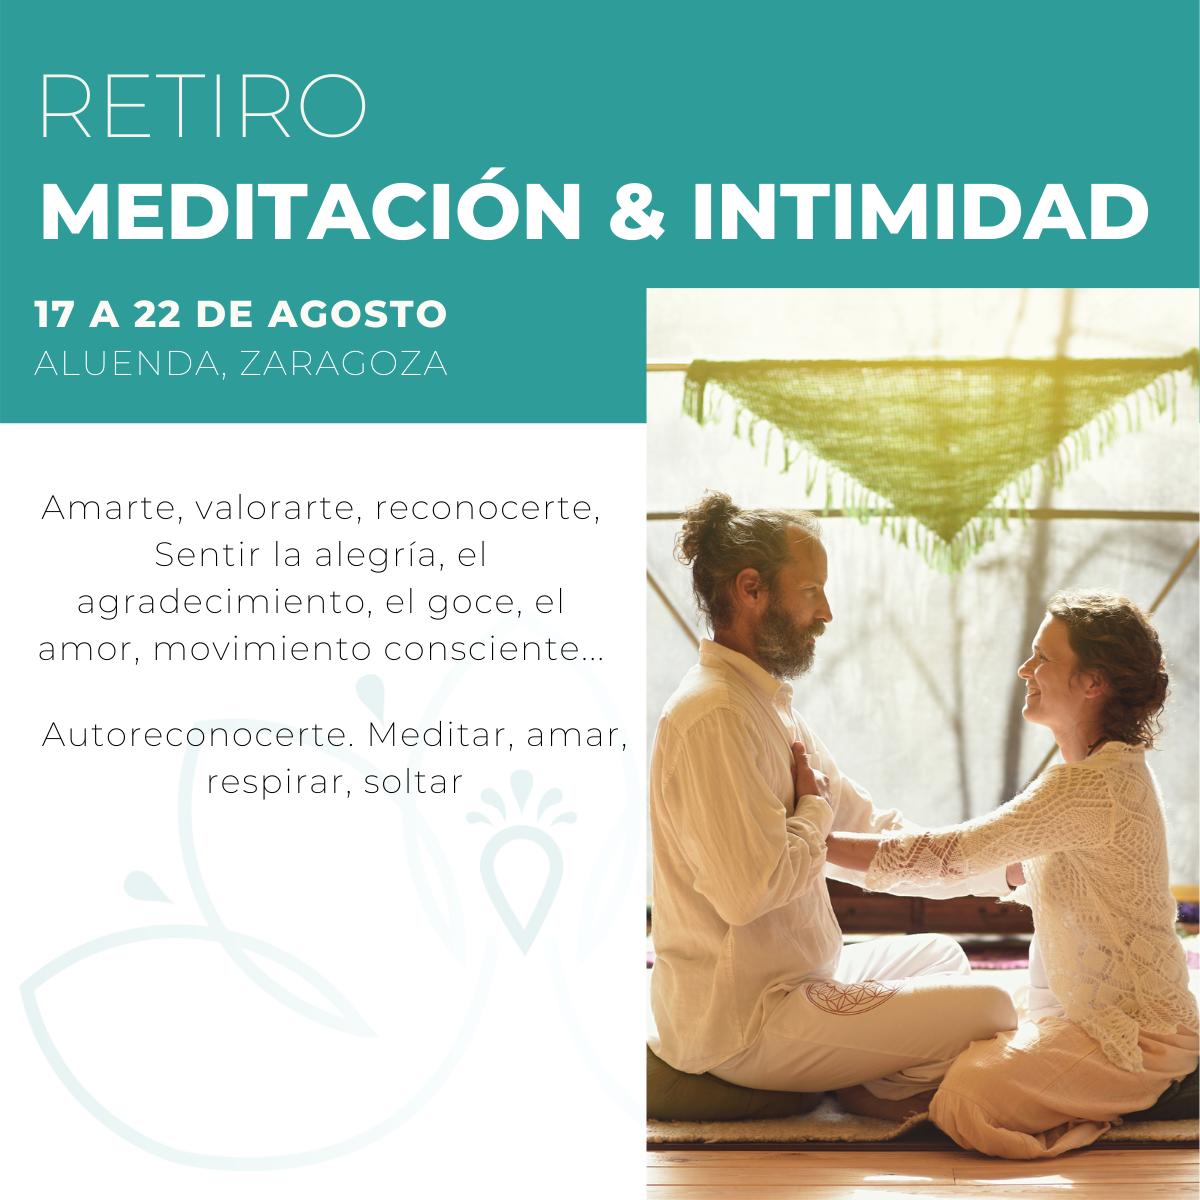 Retiro Meditación e Intimidad - Laura Cárcel